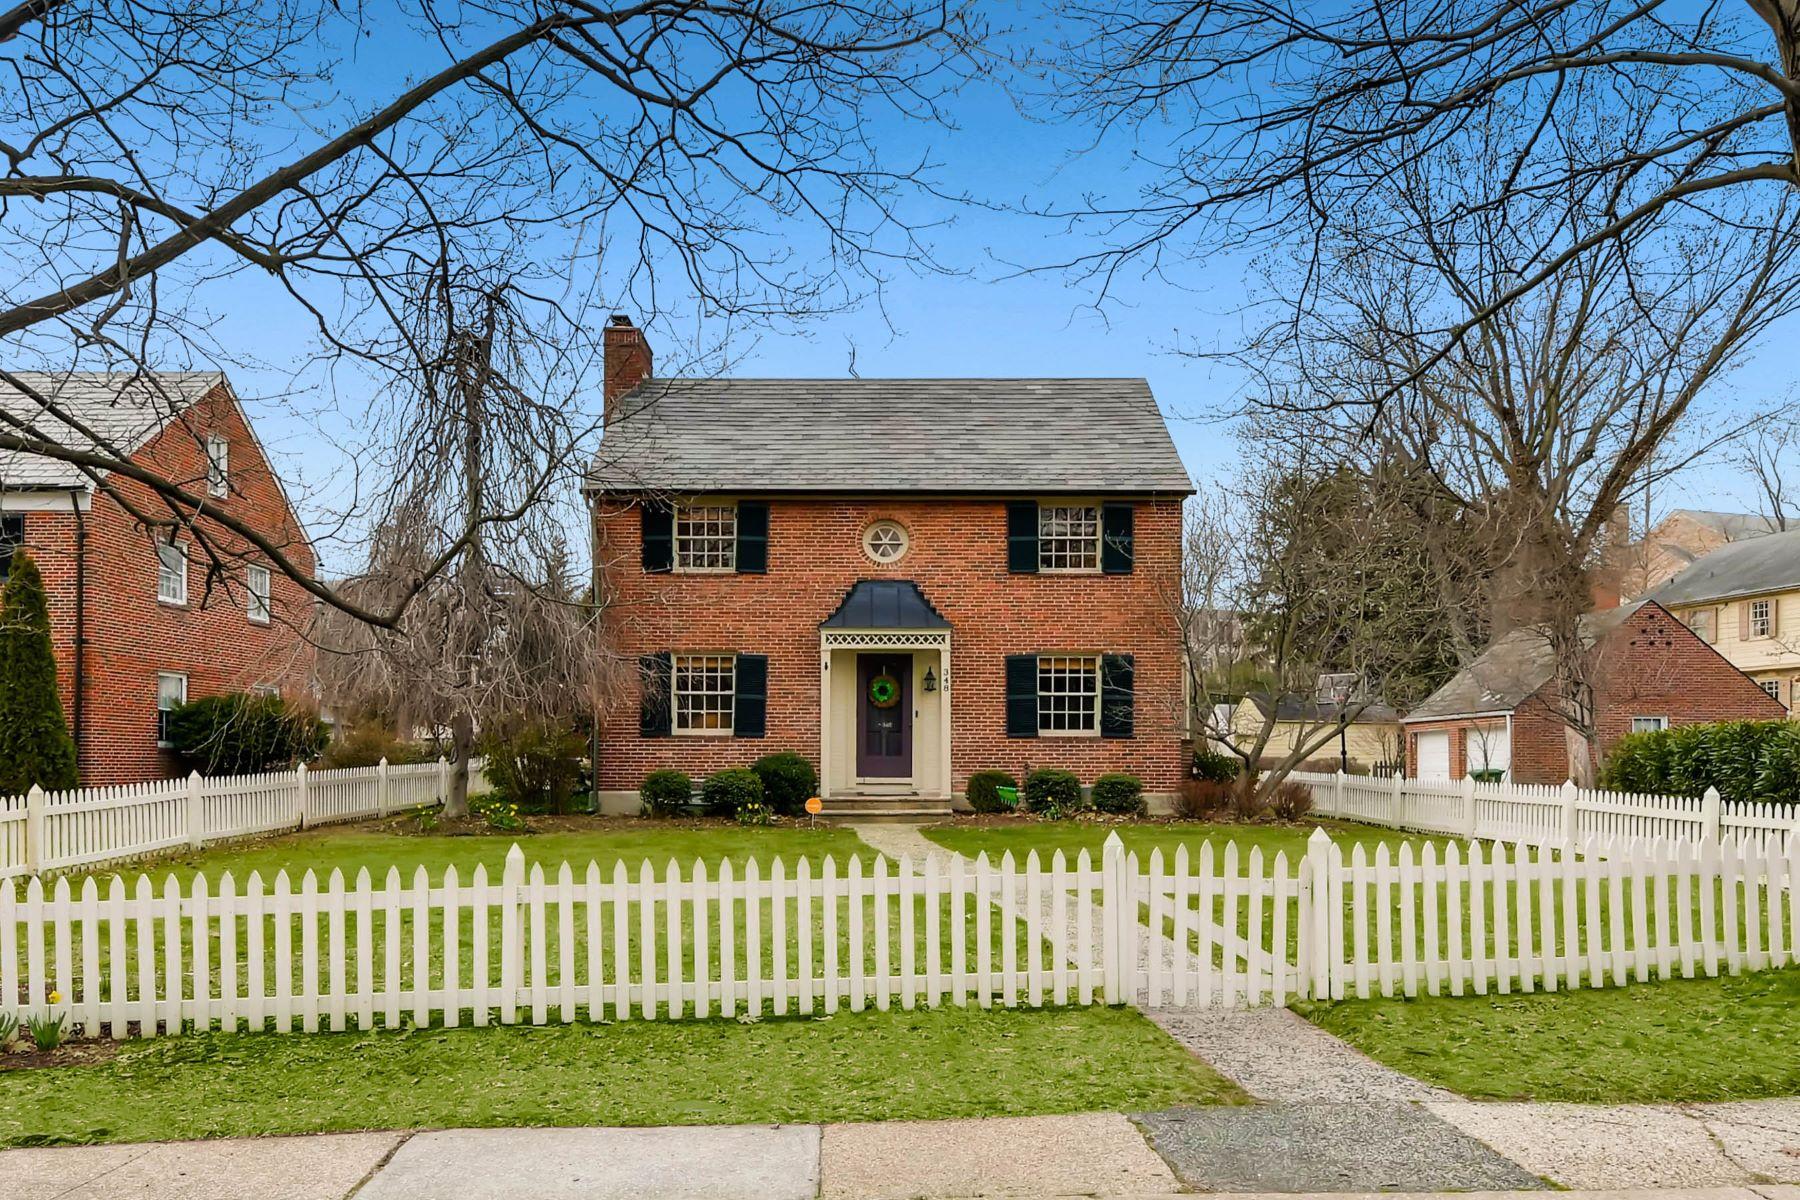 Частный односемейный дом для того Продажа на Homeland 348 Broadmoor Road, Homeland, Baltimore, Мэриленд, 21212 Соединенные Штаты